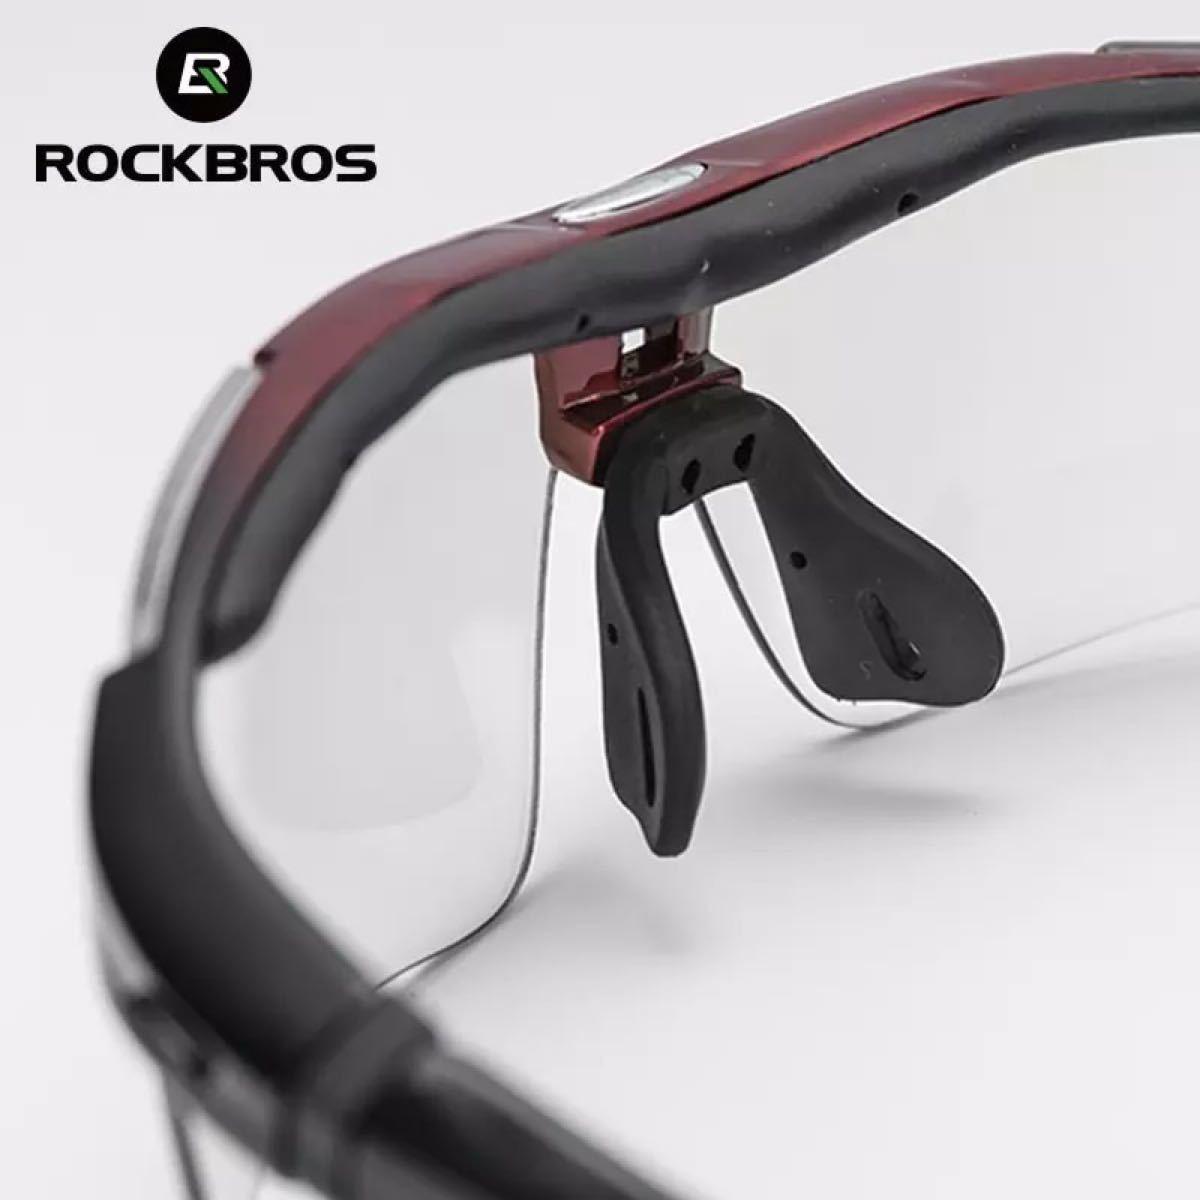 スポーツサングラス 偏光レンズ 交換レンズ 超軽量 ロックブロス 黒色